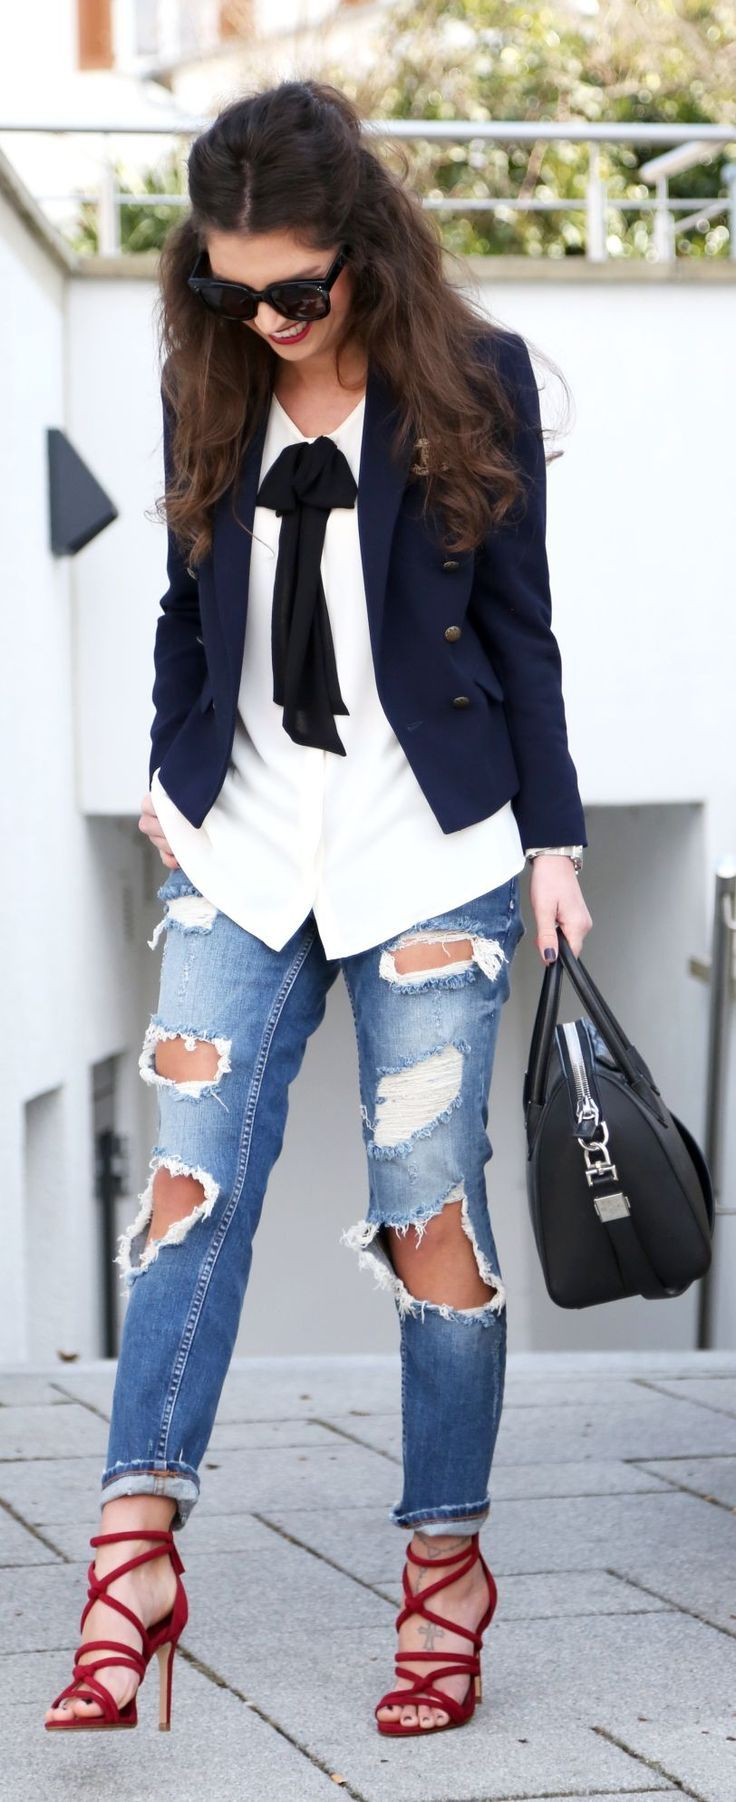 Diese komplett zerfetzen Jeans. Ja, eine Jeans muss getragen aussehen und hey, ich habe nichts gegen used look, aber so etwas ist echt nicht schön und schon gar nicht schick - nie!